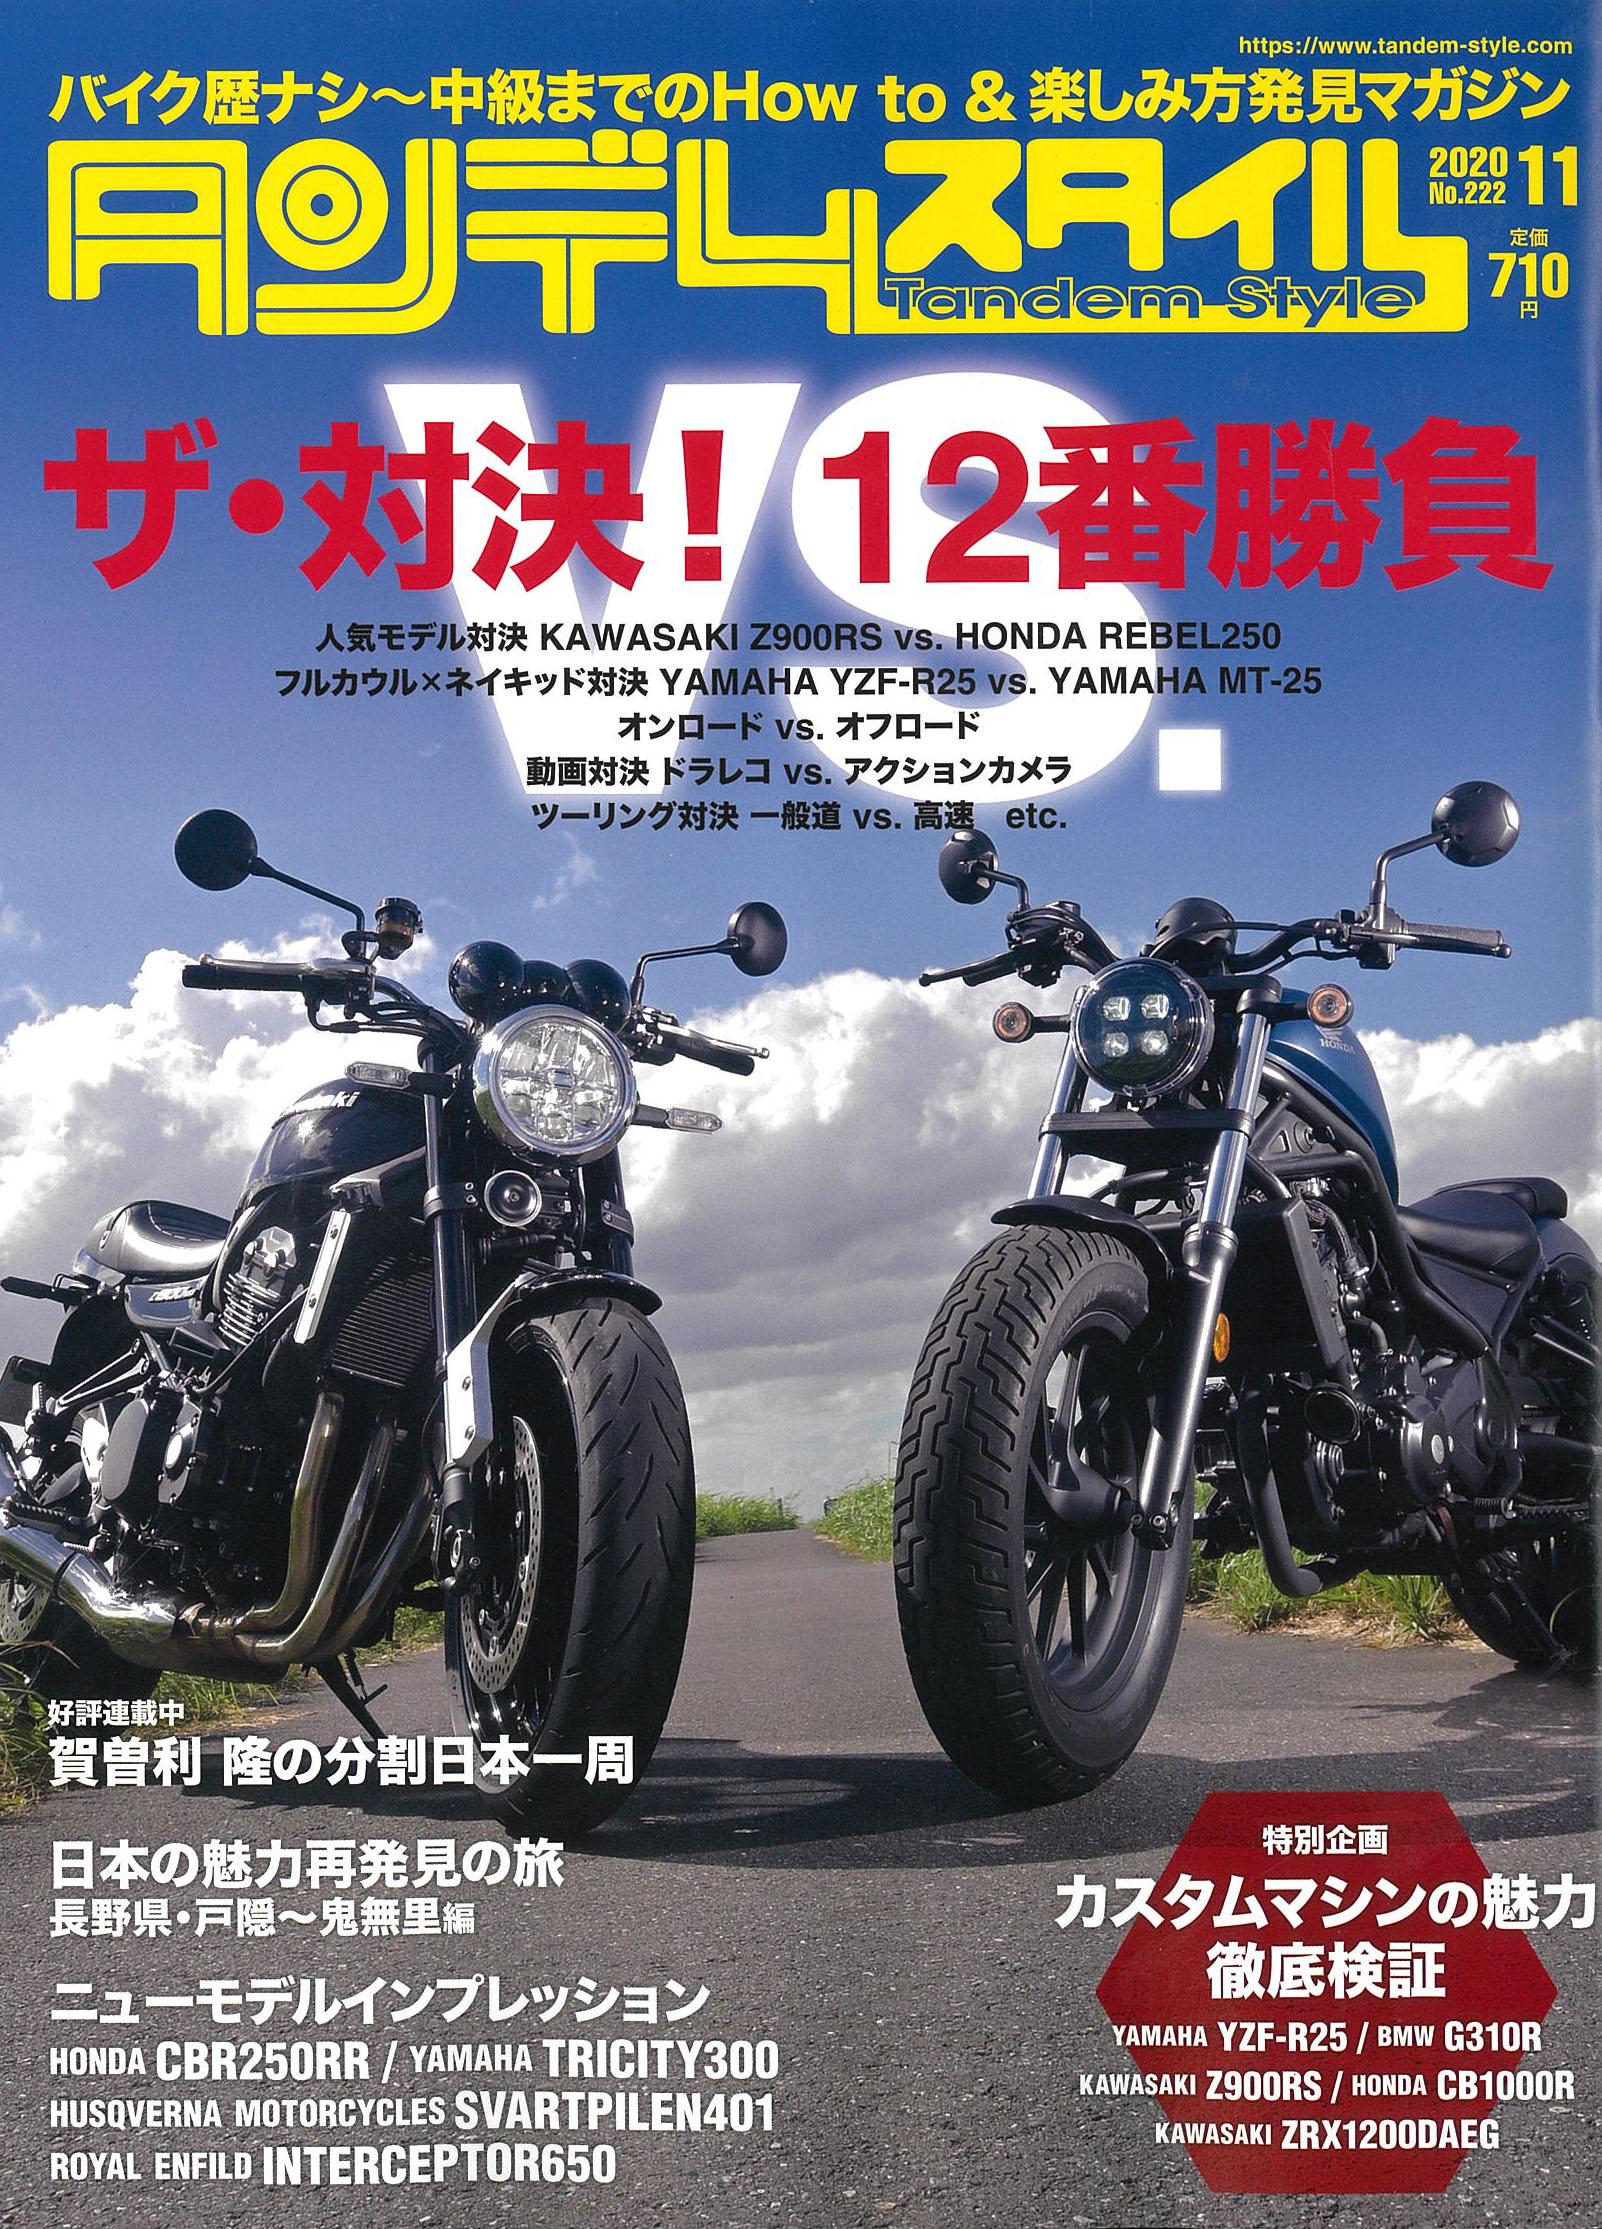 【タンデムスタイル11月号掲載】FANTIC CABALLERO SCRAMBLER500/RALLY500、Lambretta V200Special